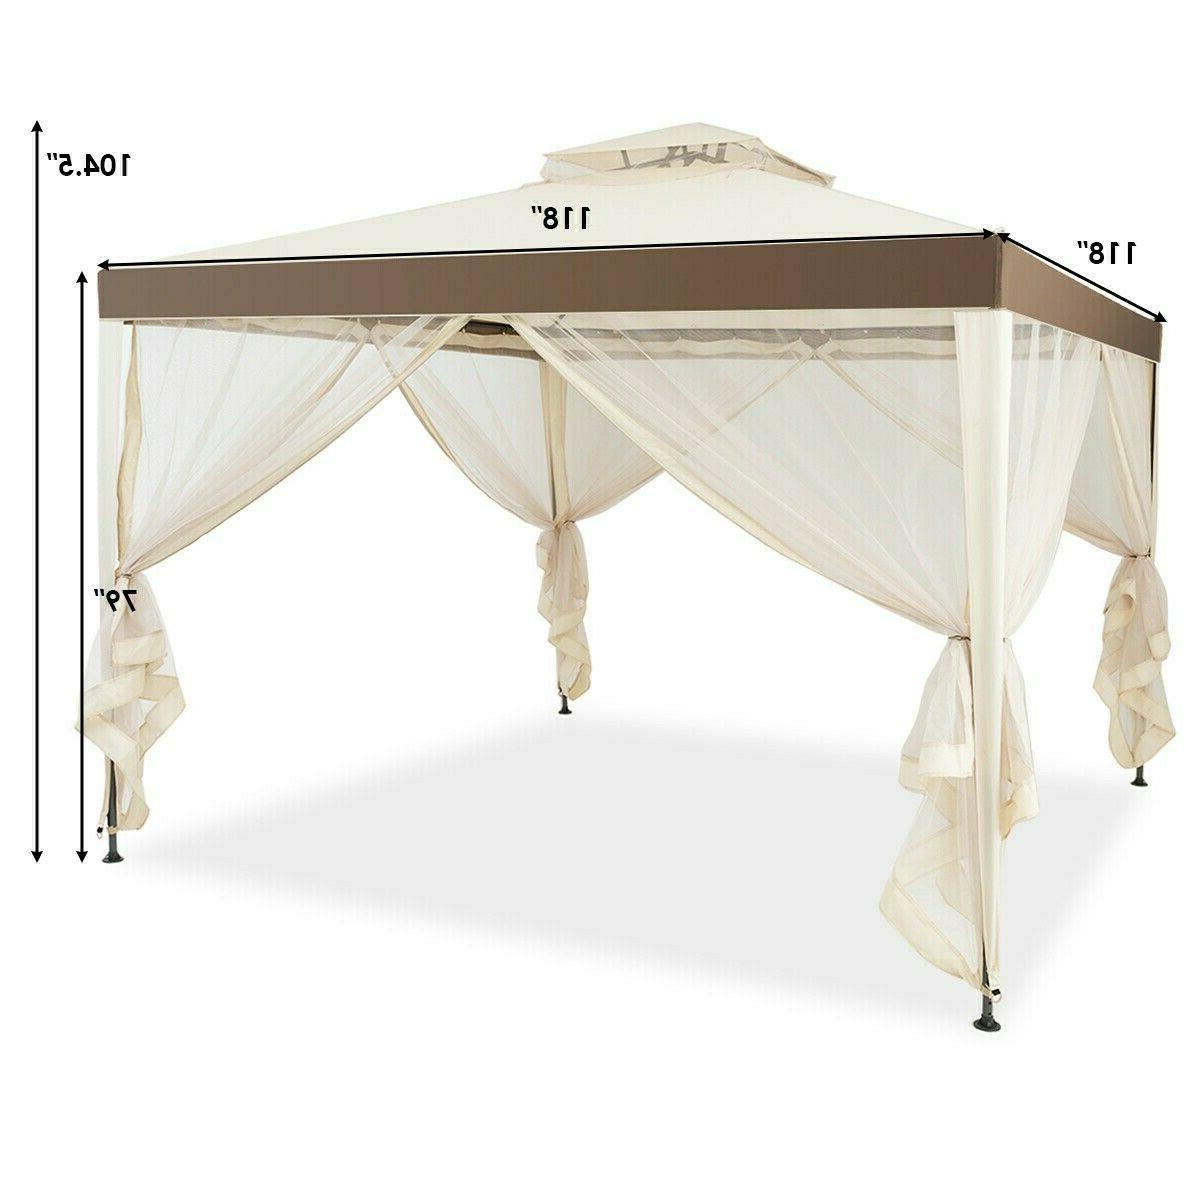 Gazebo Netting Lawn Tent